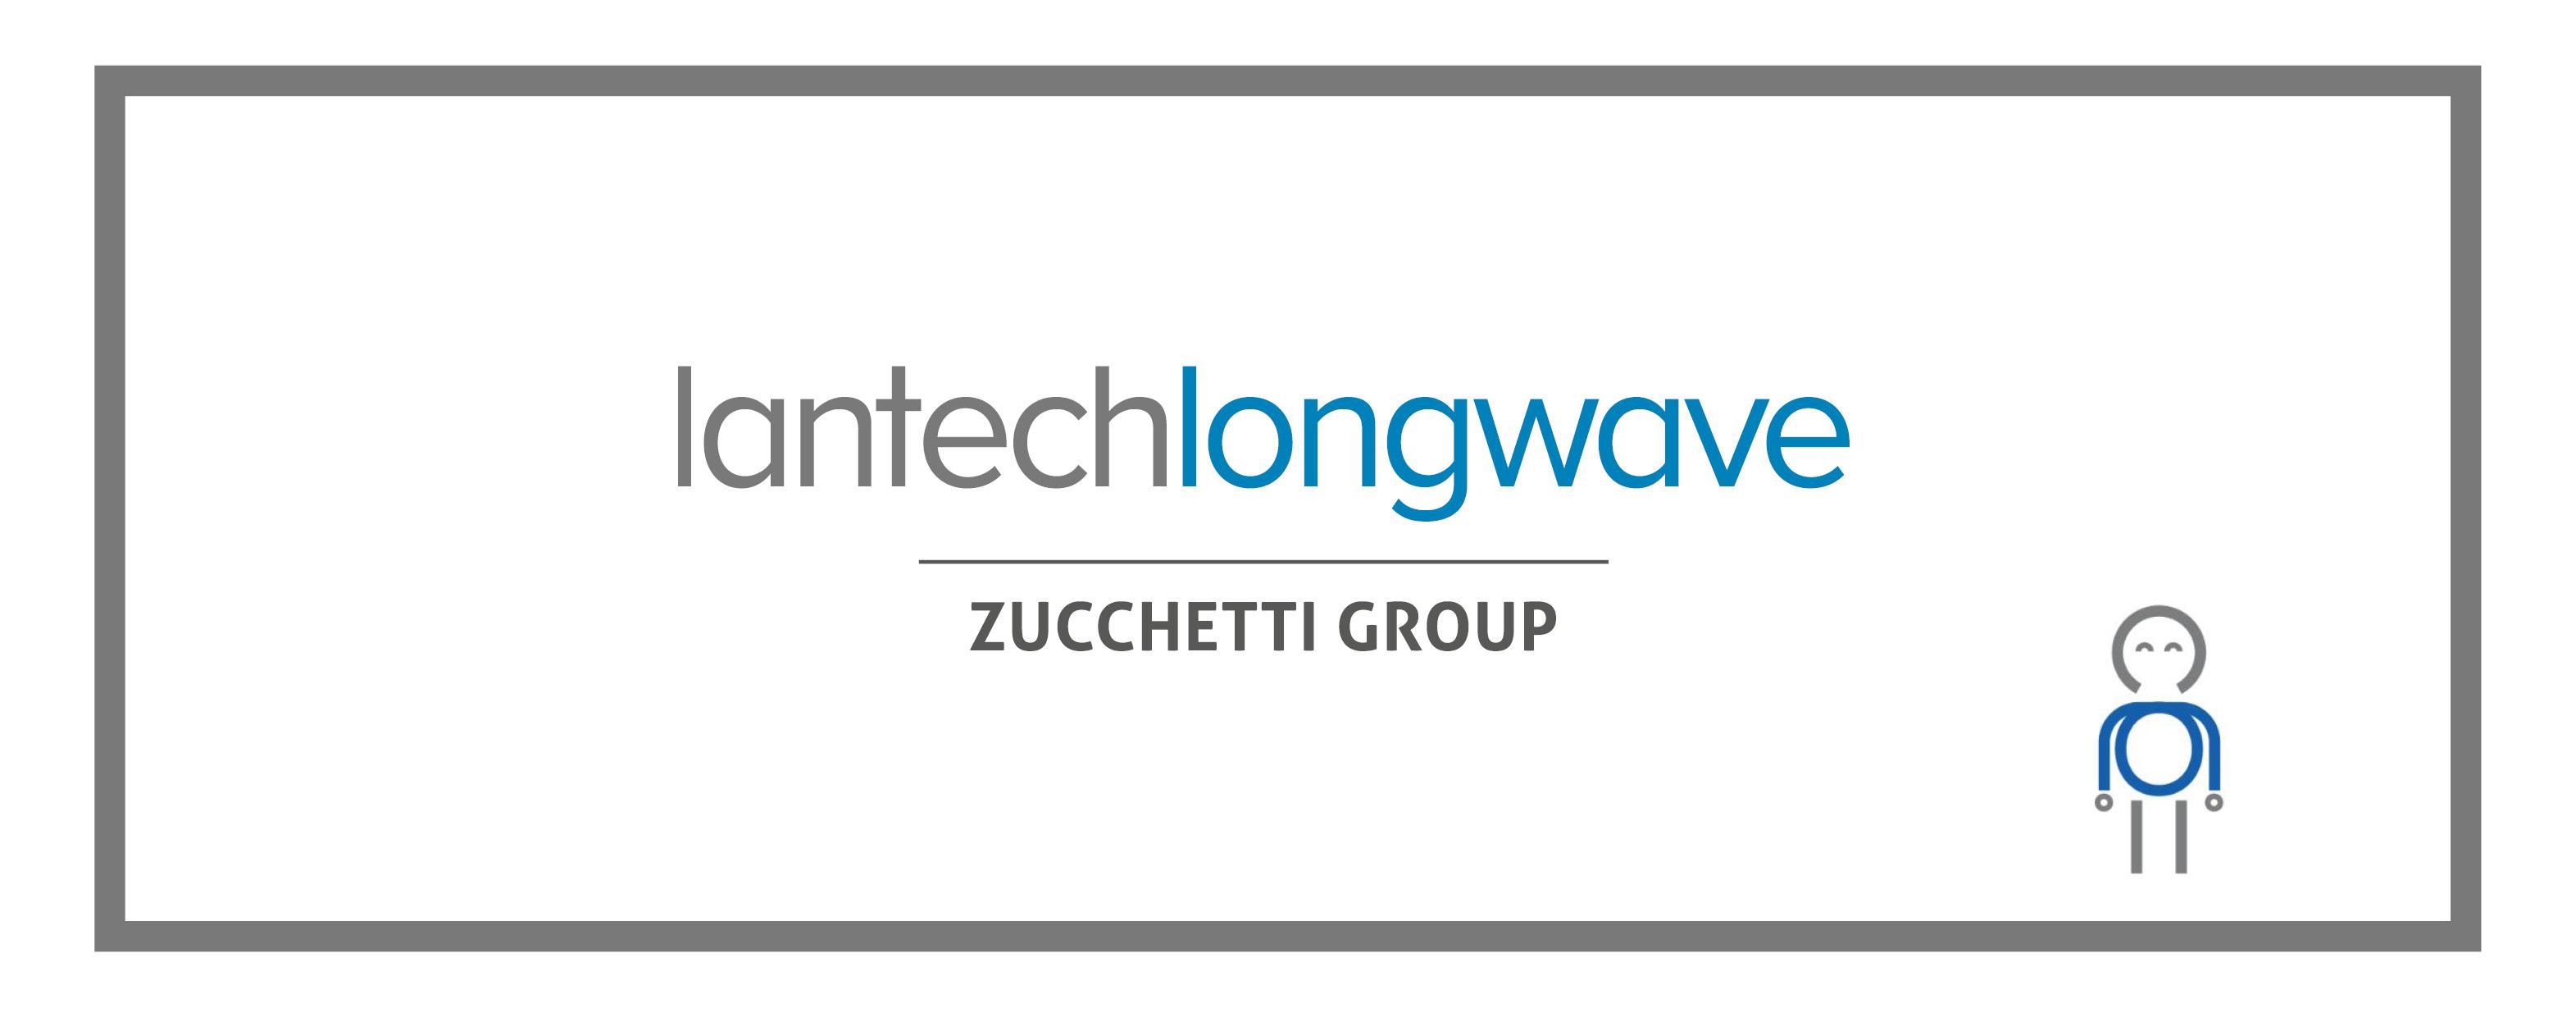 Il nuovo logo racconta una storia: la nostra